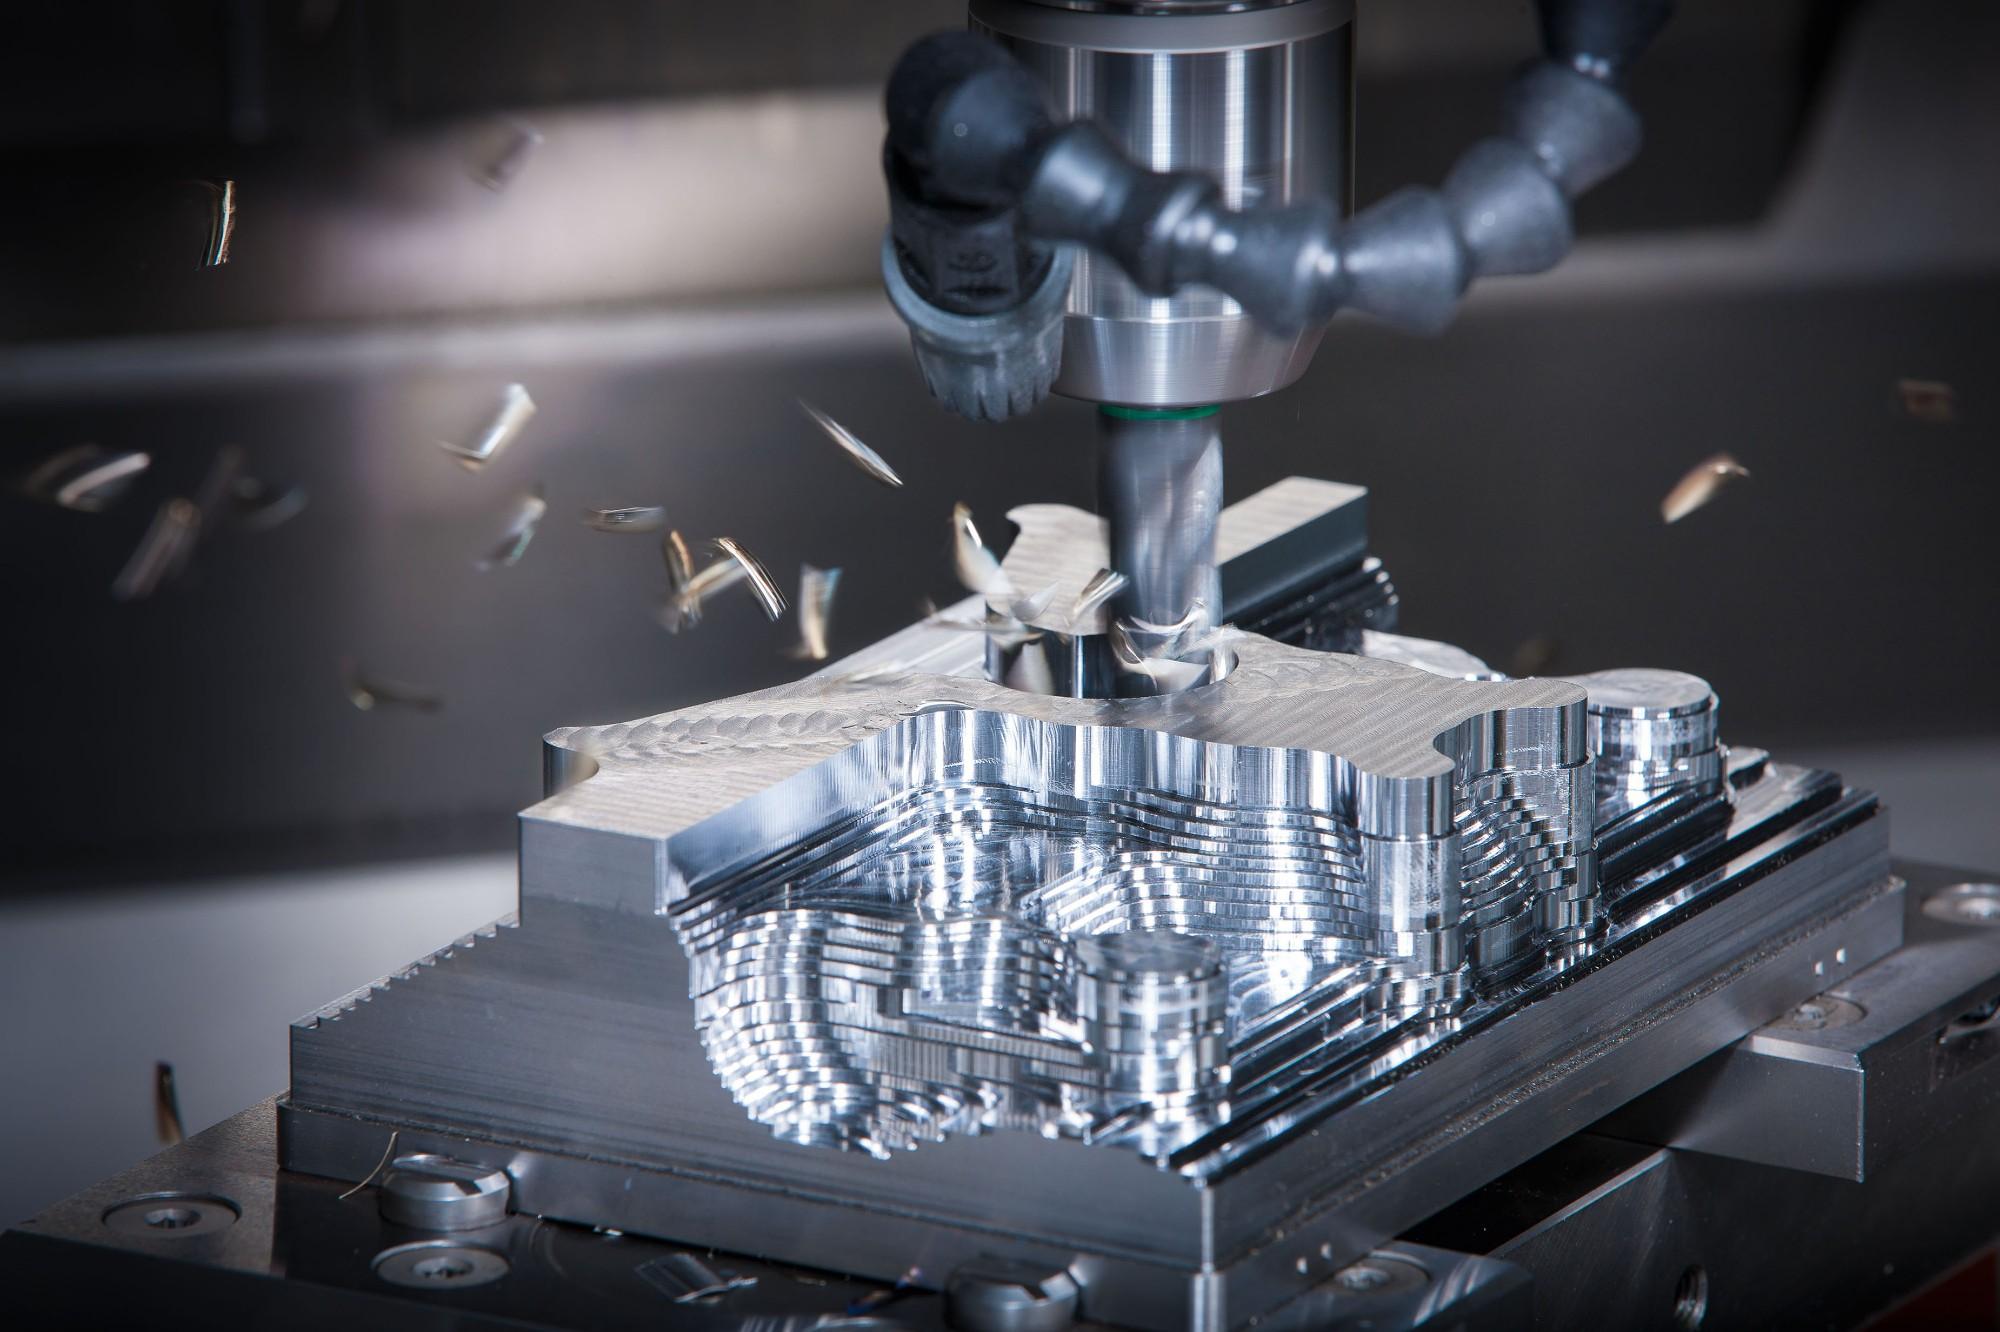 Precisie Aluminium massaproductie CNC Draaien Frezen Bewerking service messing staal gefreesd aluminium onderdelen